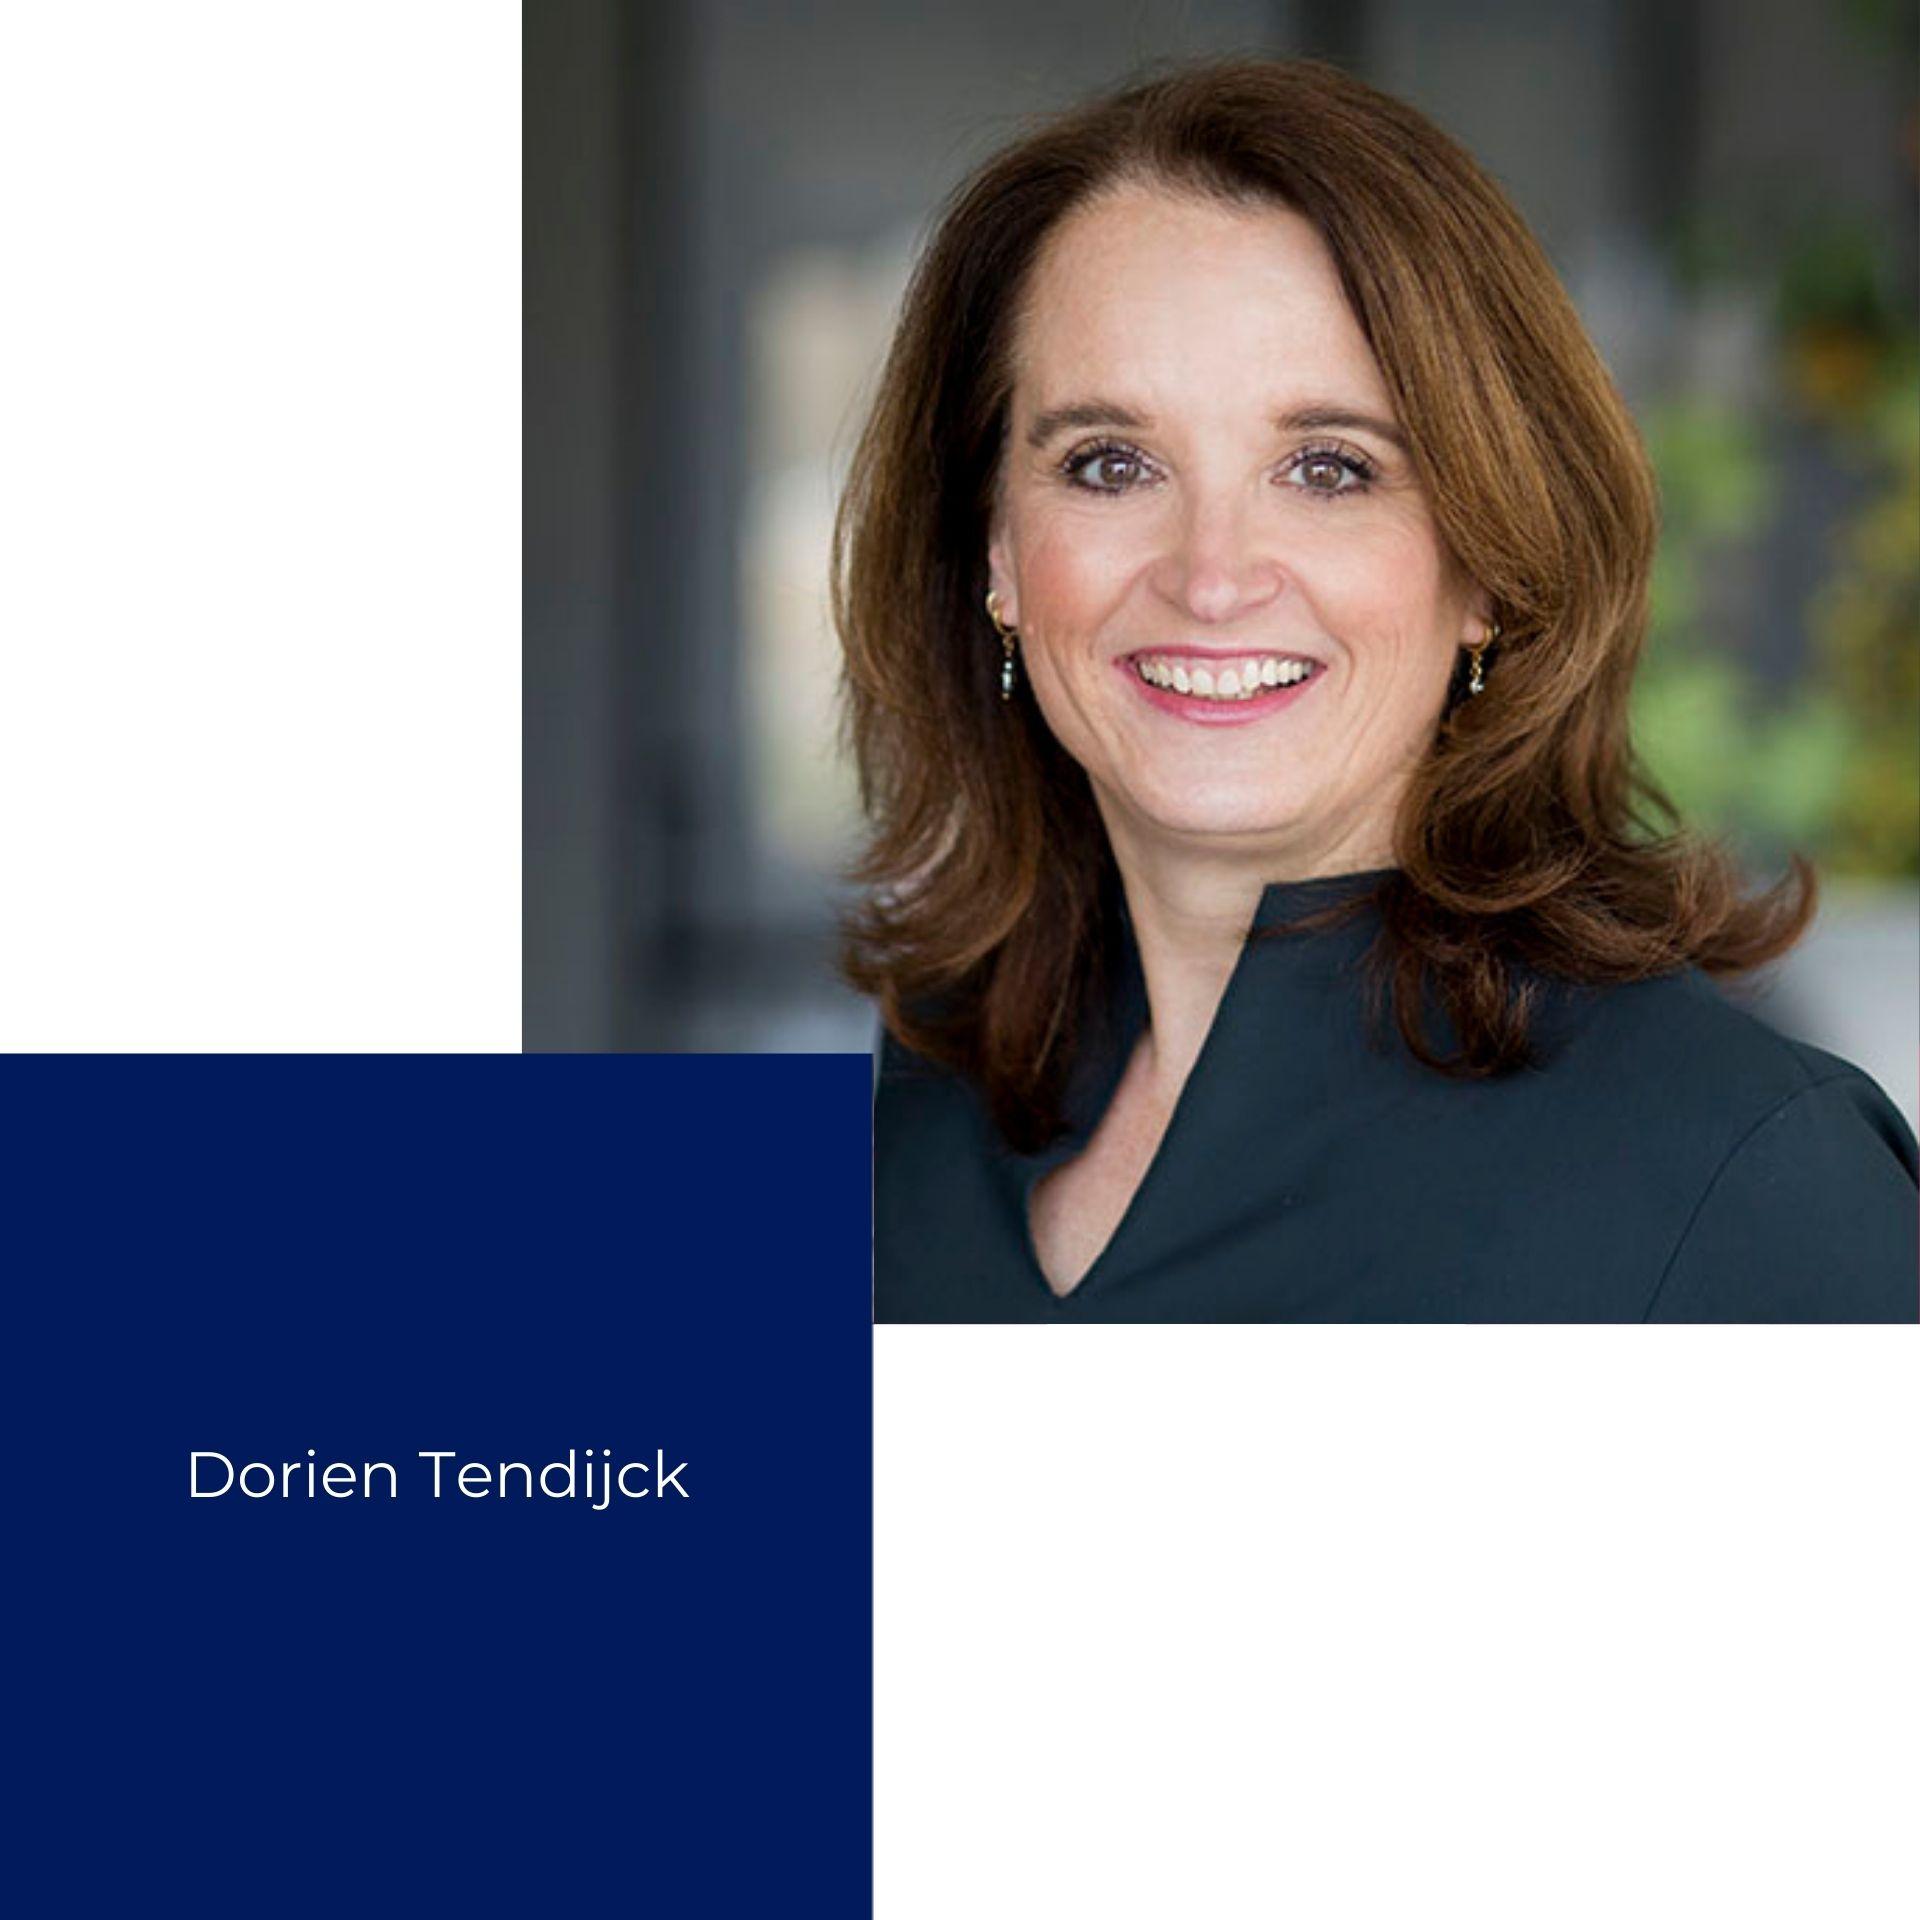 Dorien Tendijck